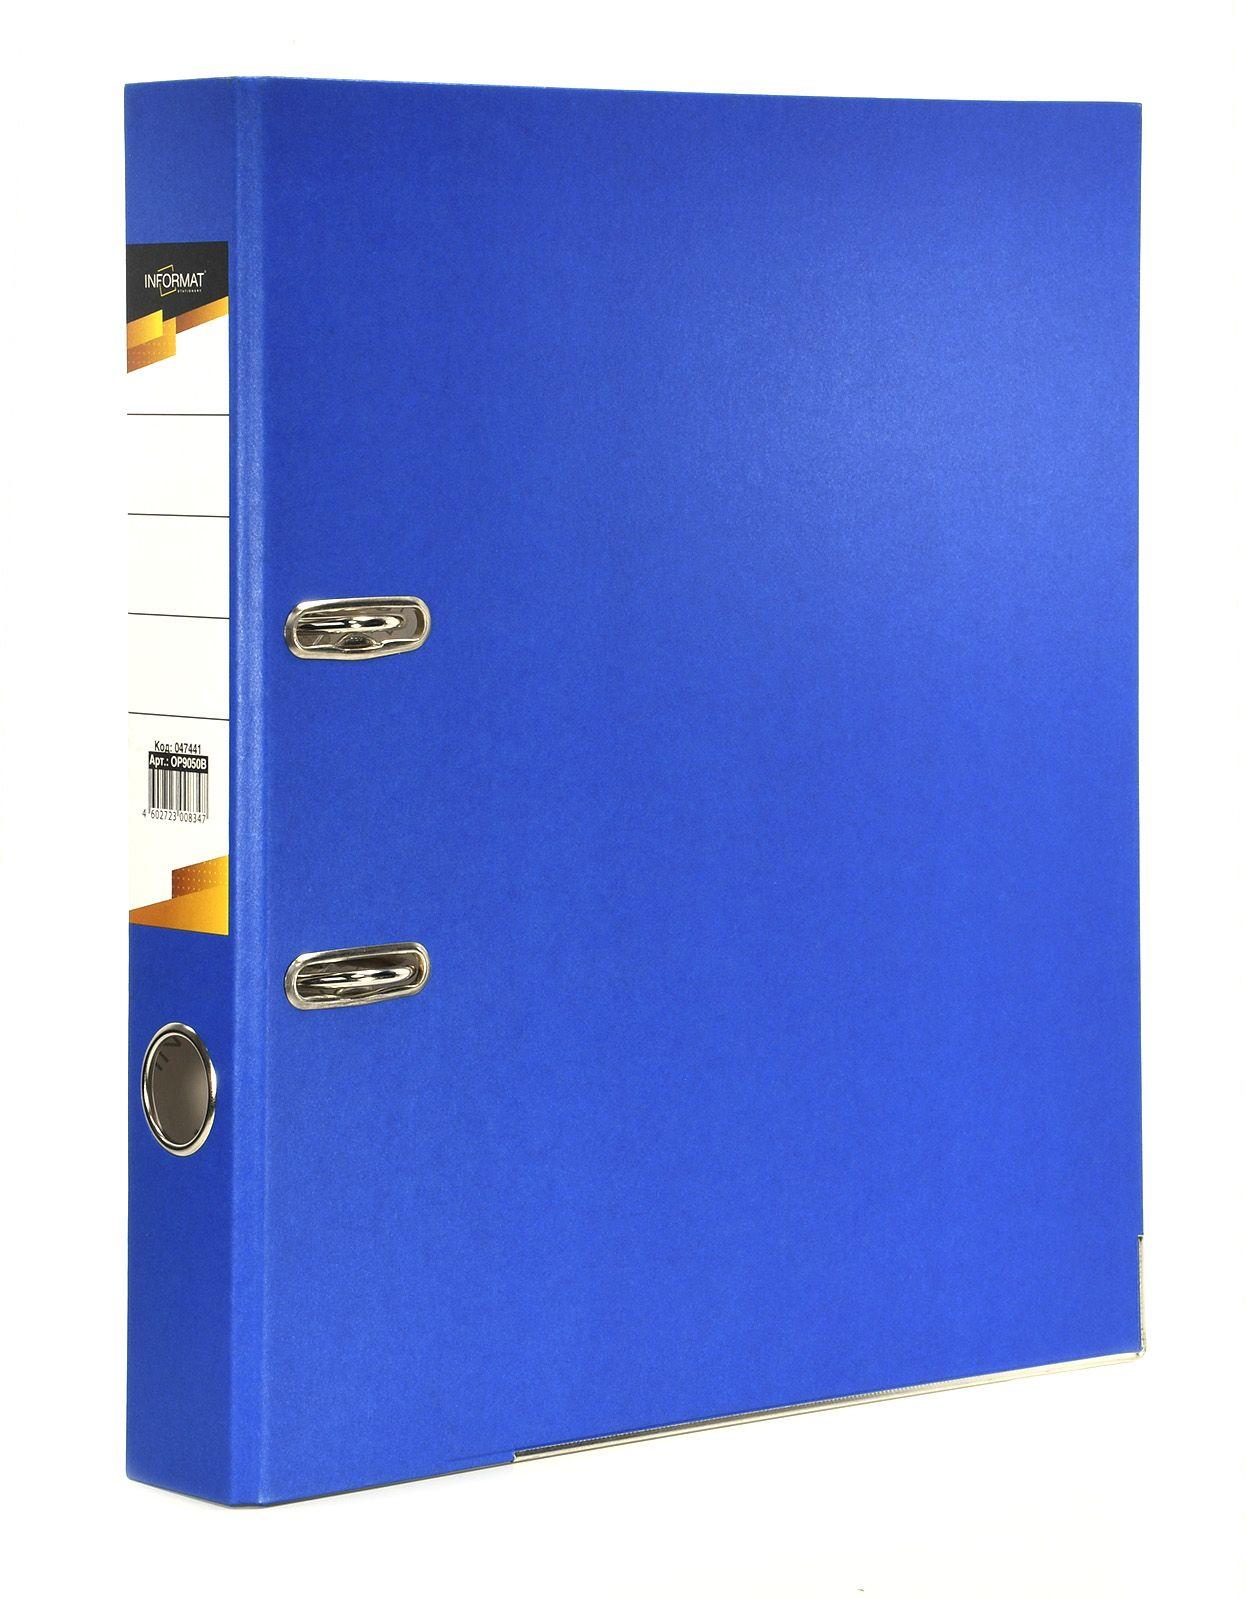 Папка-регистратор INFORMAT 55 мм бумага, синяя